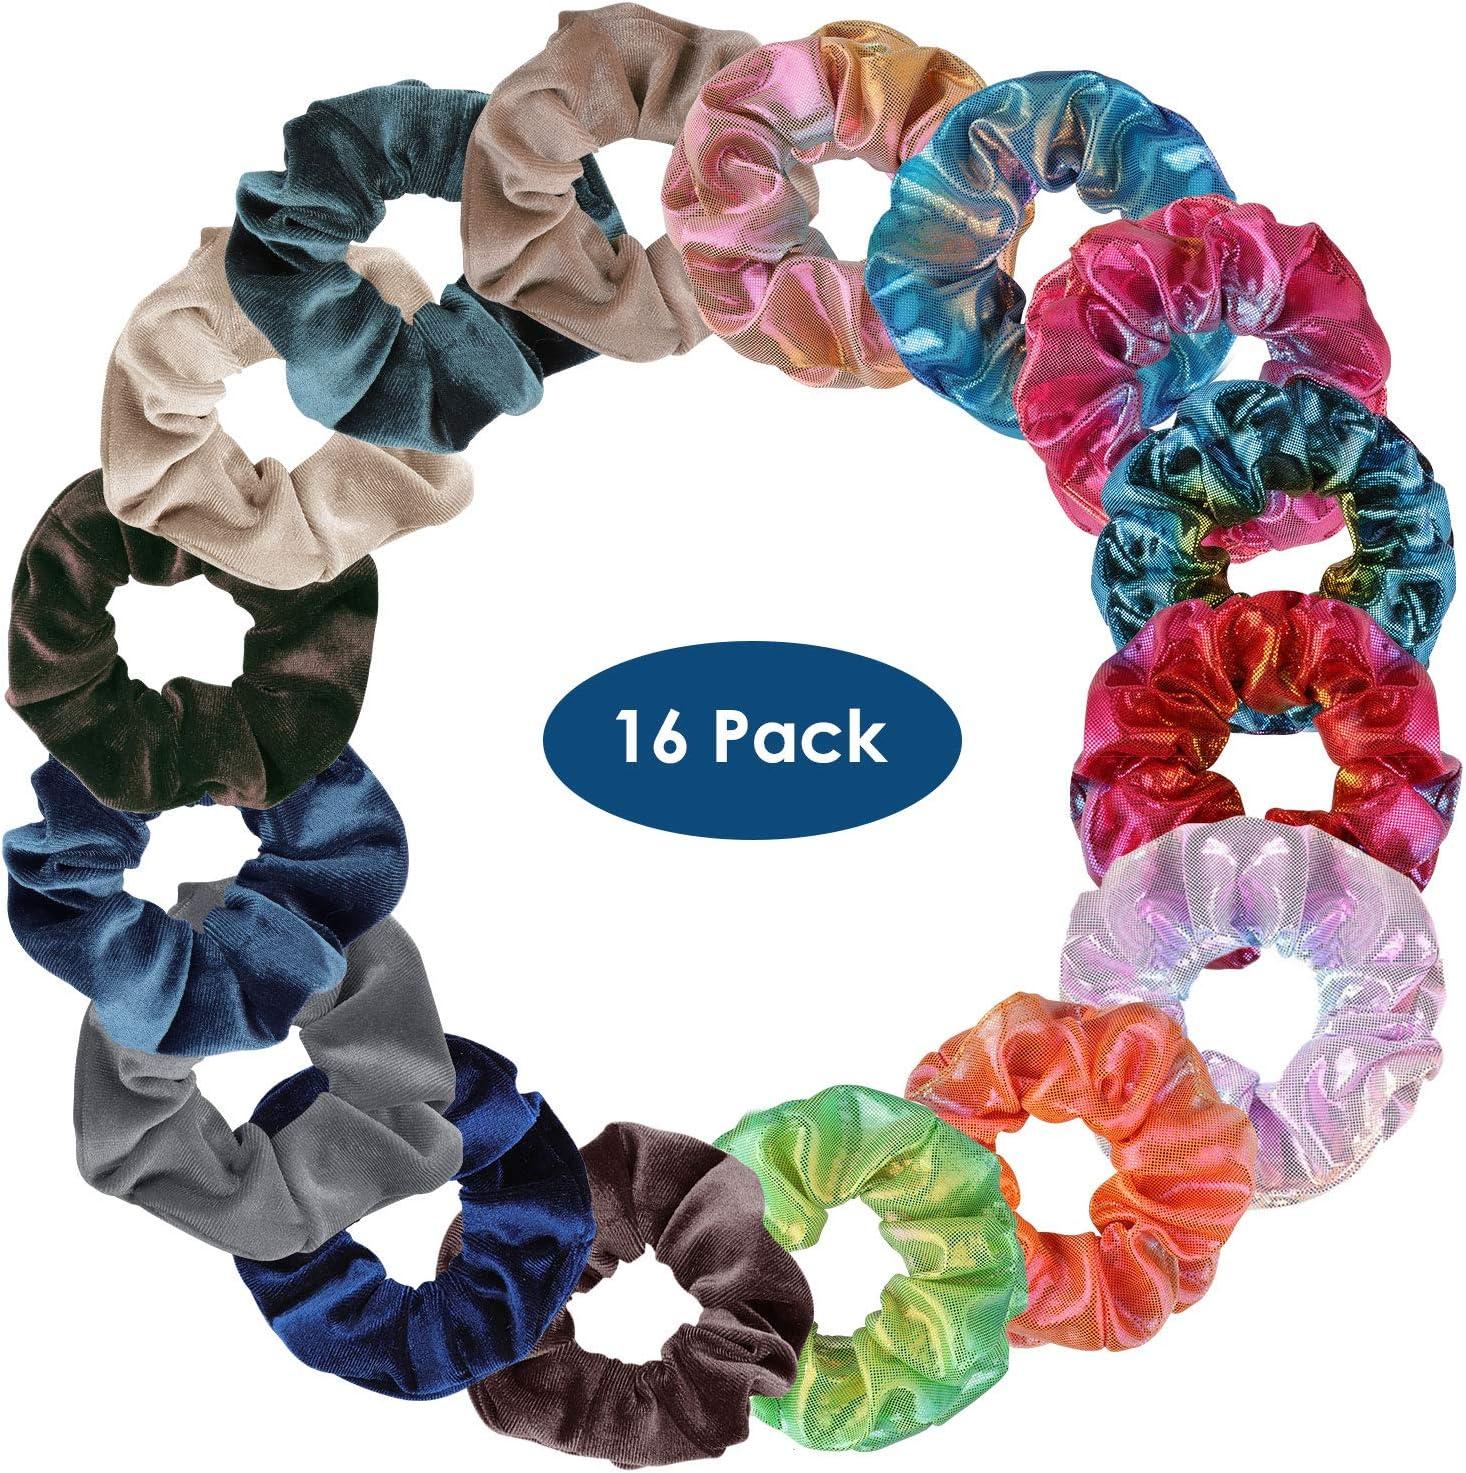 Simpeak 16 PCS Scrunchies for Girls Women Shiny Metallic Scrunchies Hair Bow Elastics Ponytail Holder 2 Style, Shiny and Velvet Premium Hair Velvet Scrunchies Soft Hair Bands-Style 2